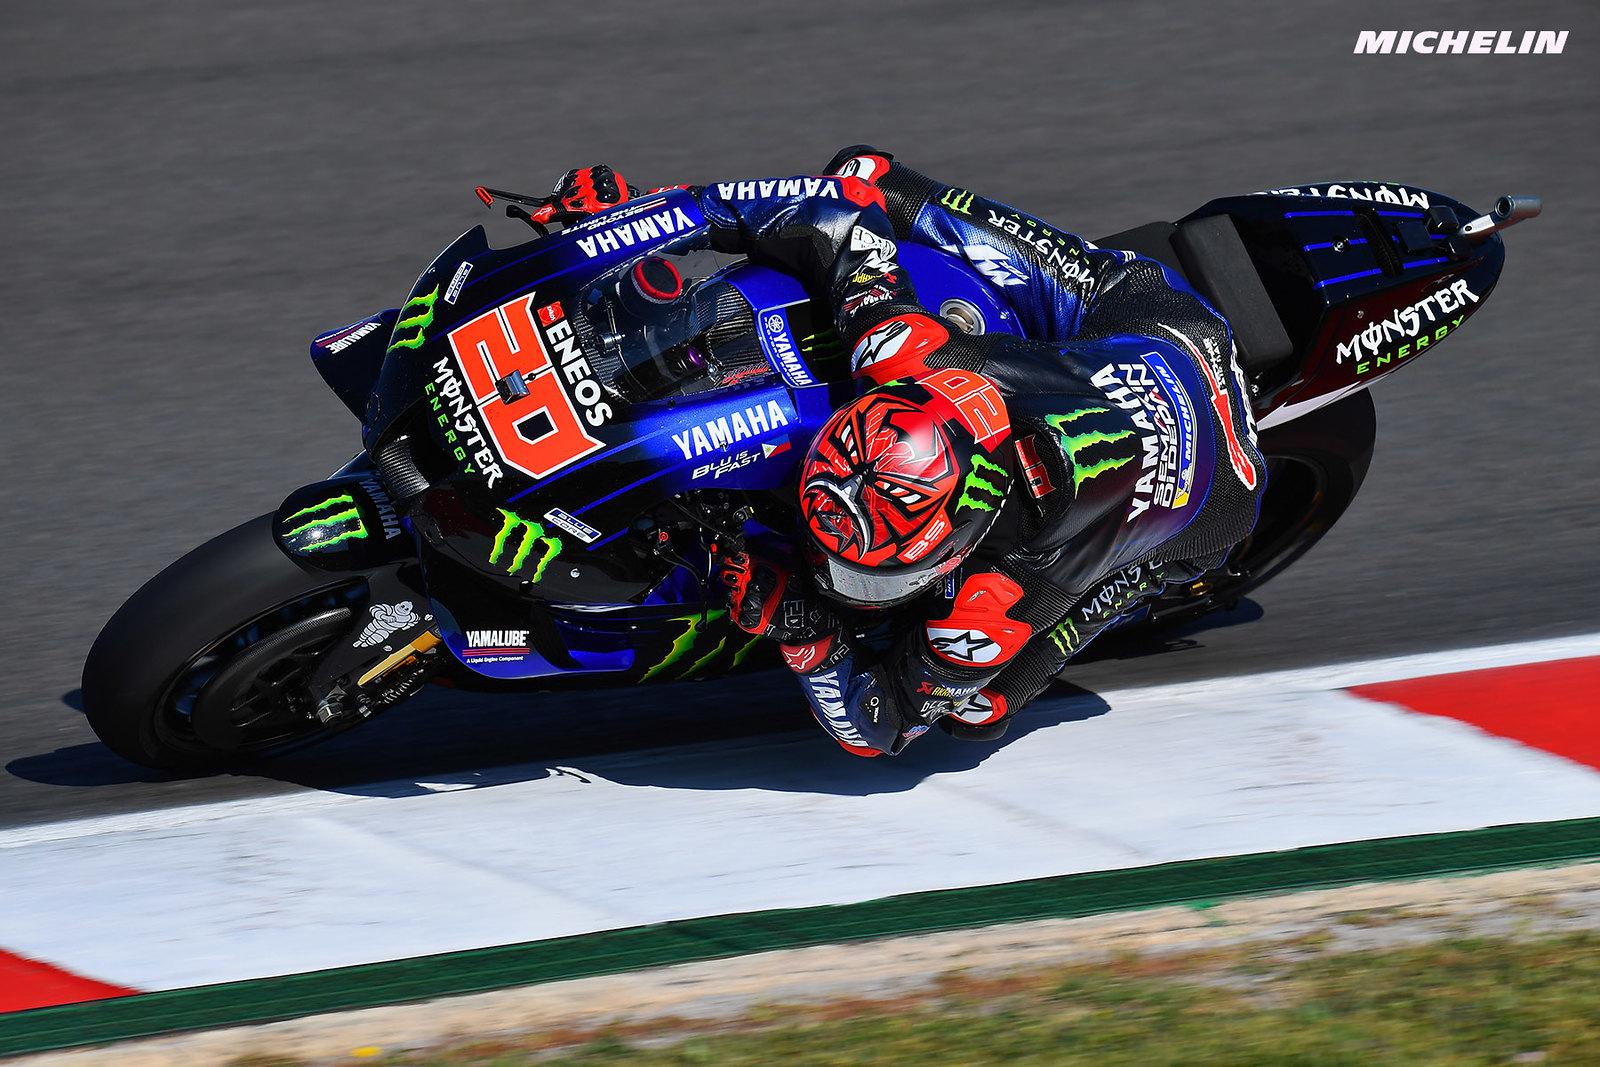 MotoGP2021 ポルトガルGP 予選1位ファビオ・クアルタラロ「FP2の時点で高いポテンシャルがあるとわかった」